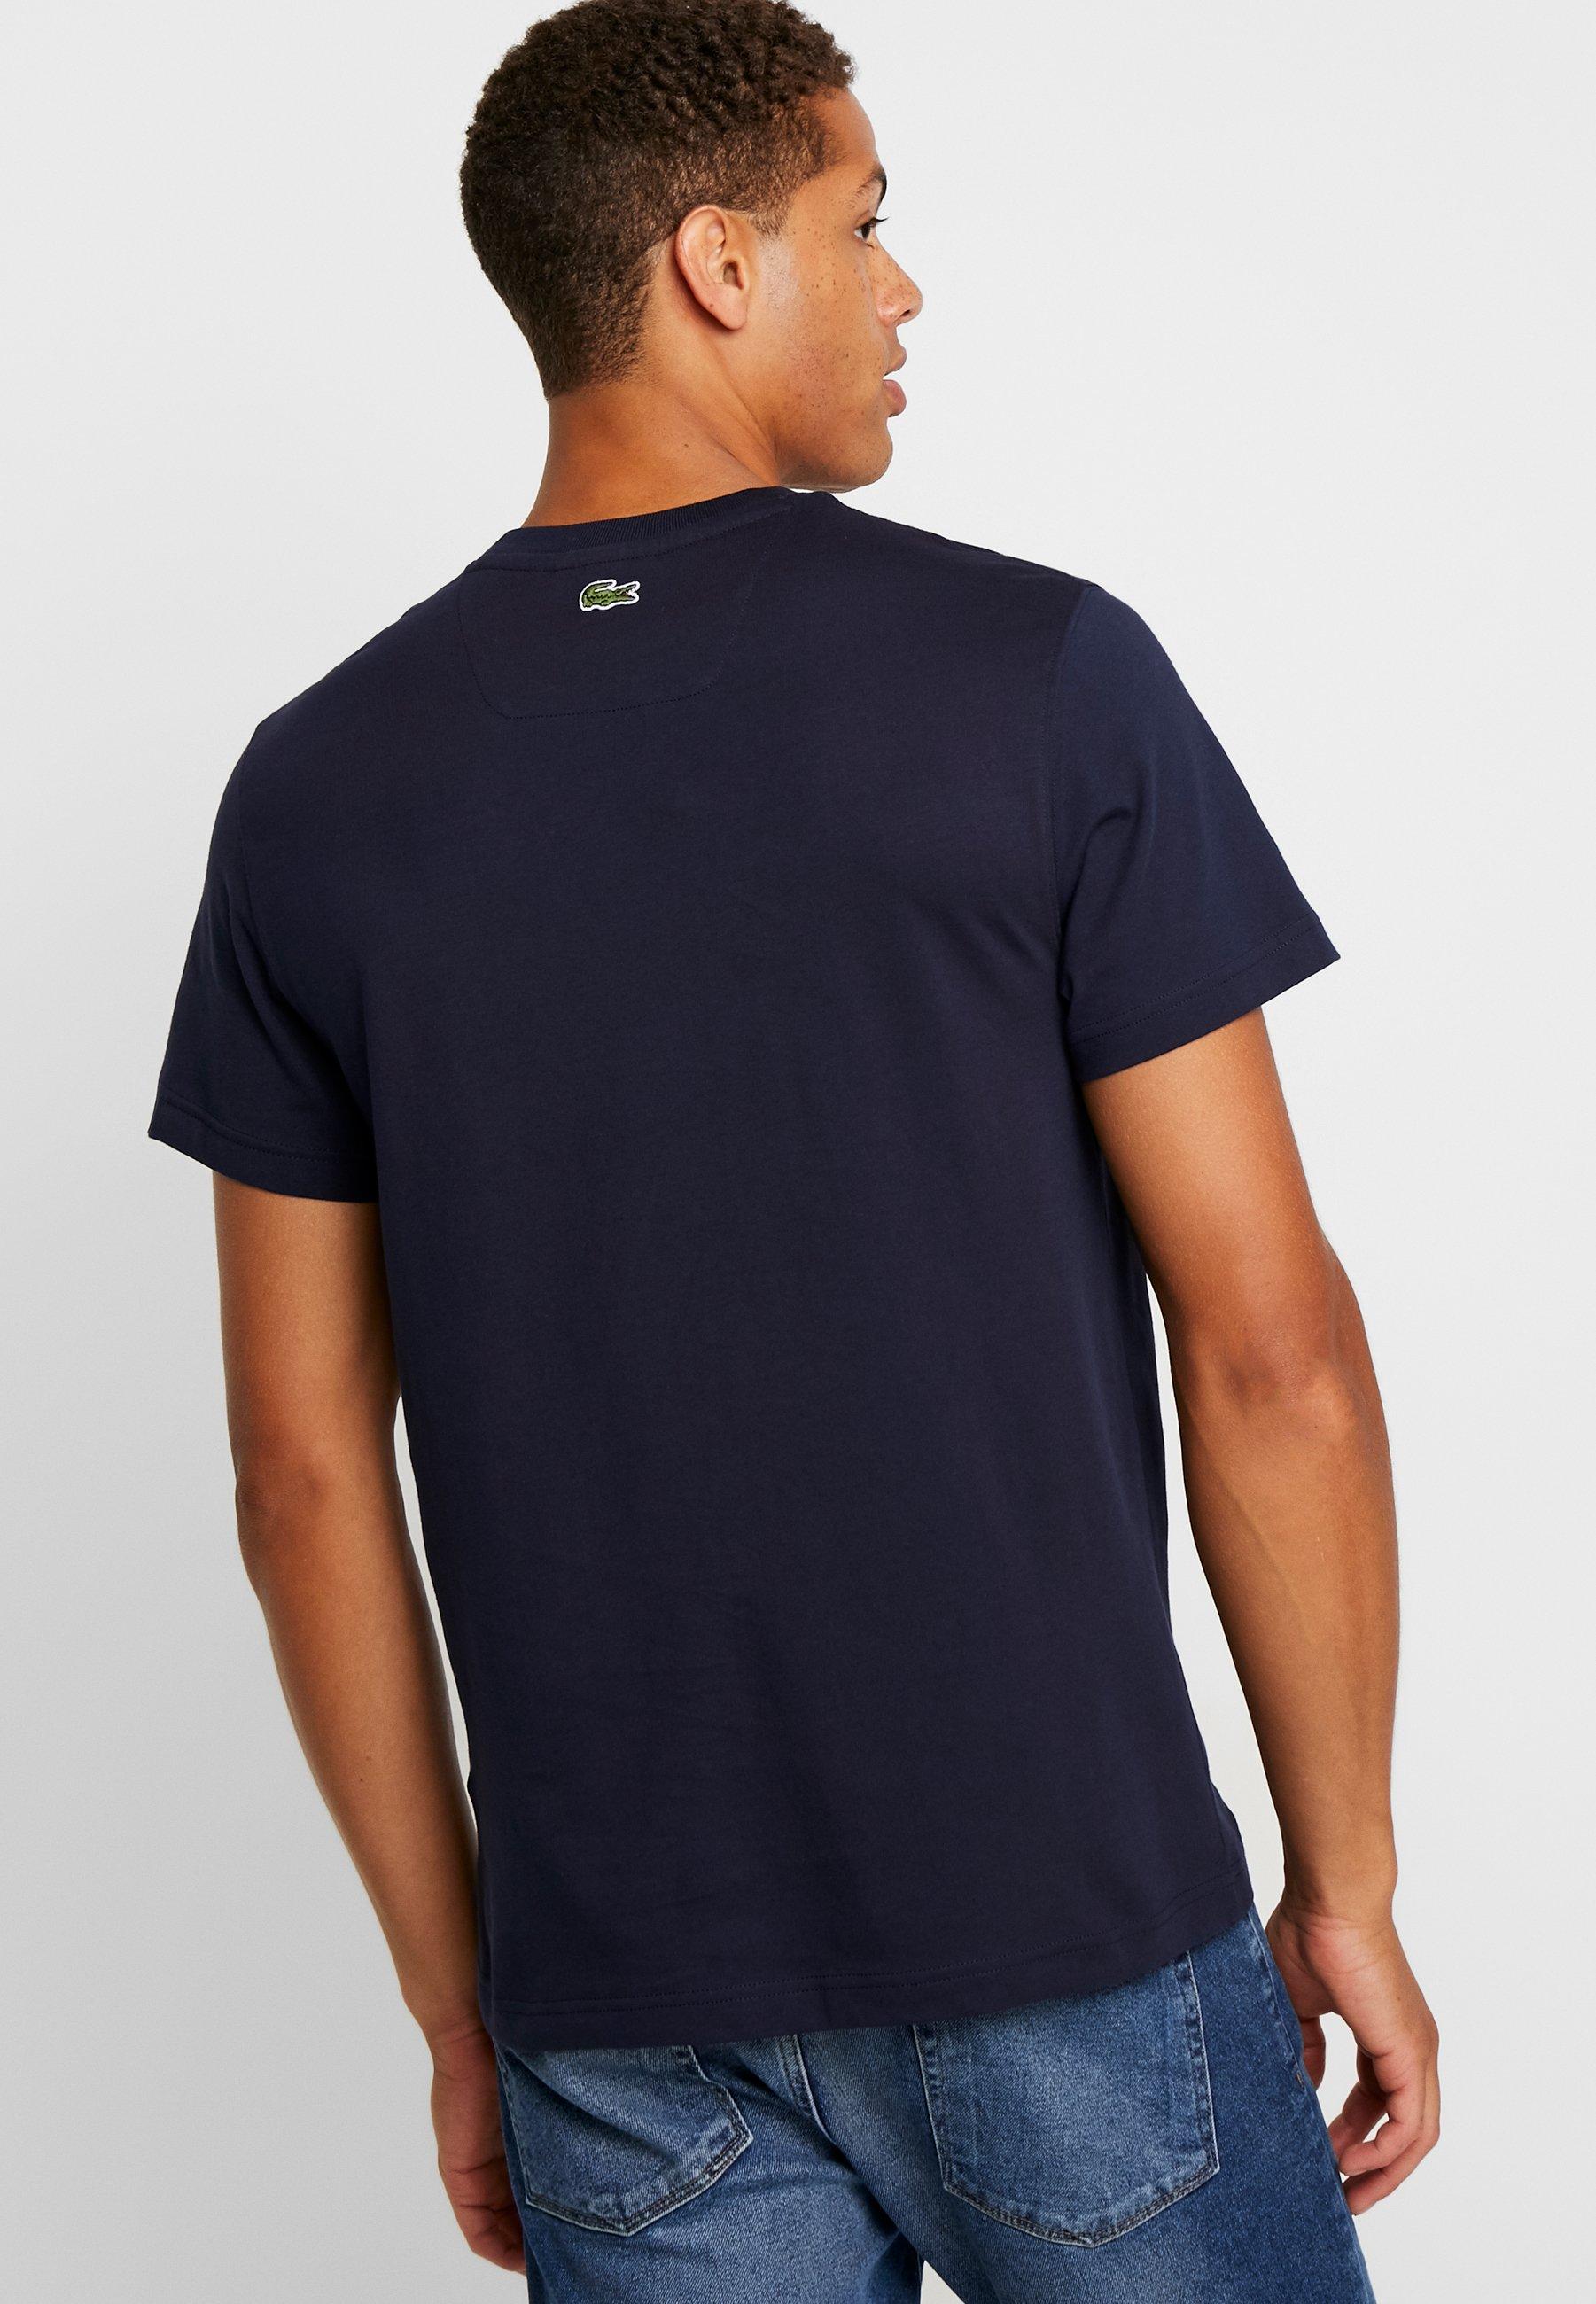 T Lacoste shirt Lacoste T ImpriméMarine ImpriméMarine shirt shirt Lacoste ImpriméMarine T Lacoste T W9ED2HI